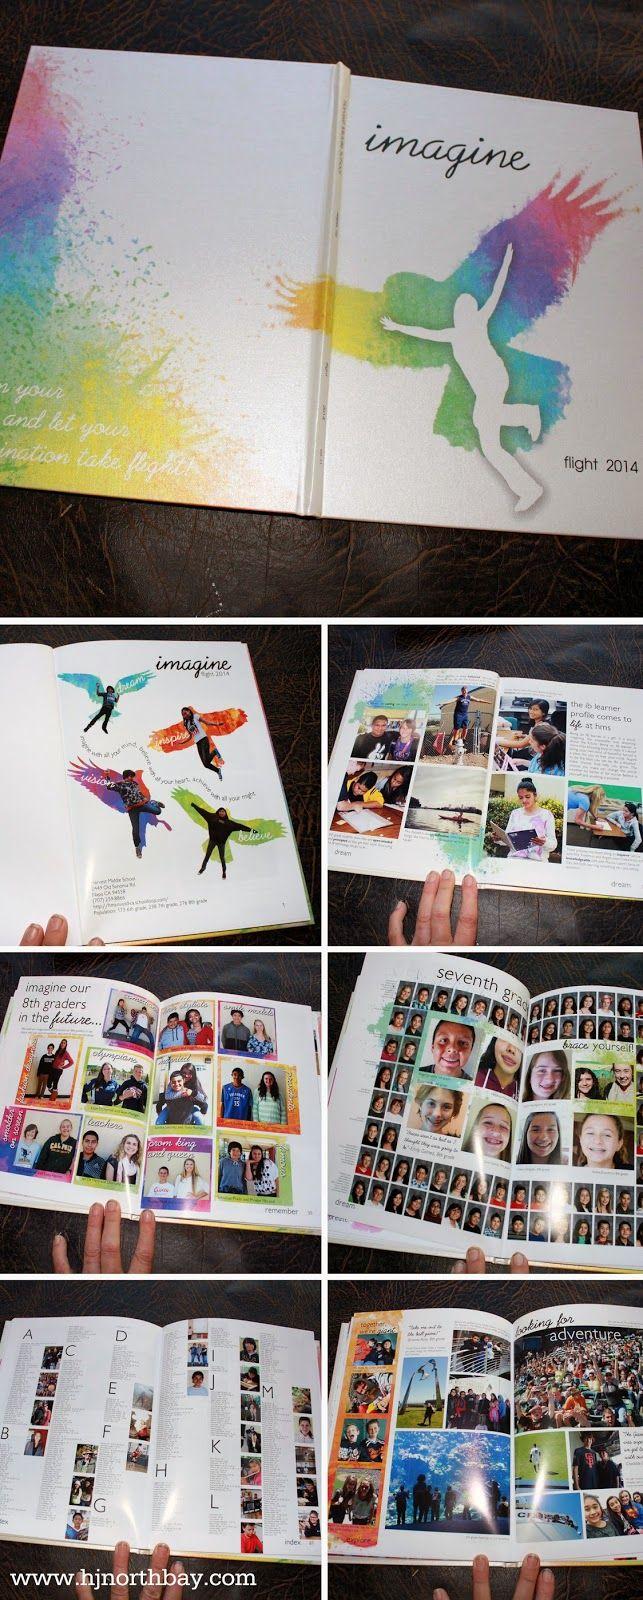 Sleek Watercolor Splashes Imagine Yearbook Me Imagine Yearbook Me Watercolor Splashes Yearbook Yearbook Me Ideas Middle School 2018 Yearbook Me Ideas